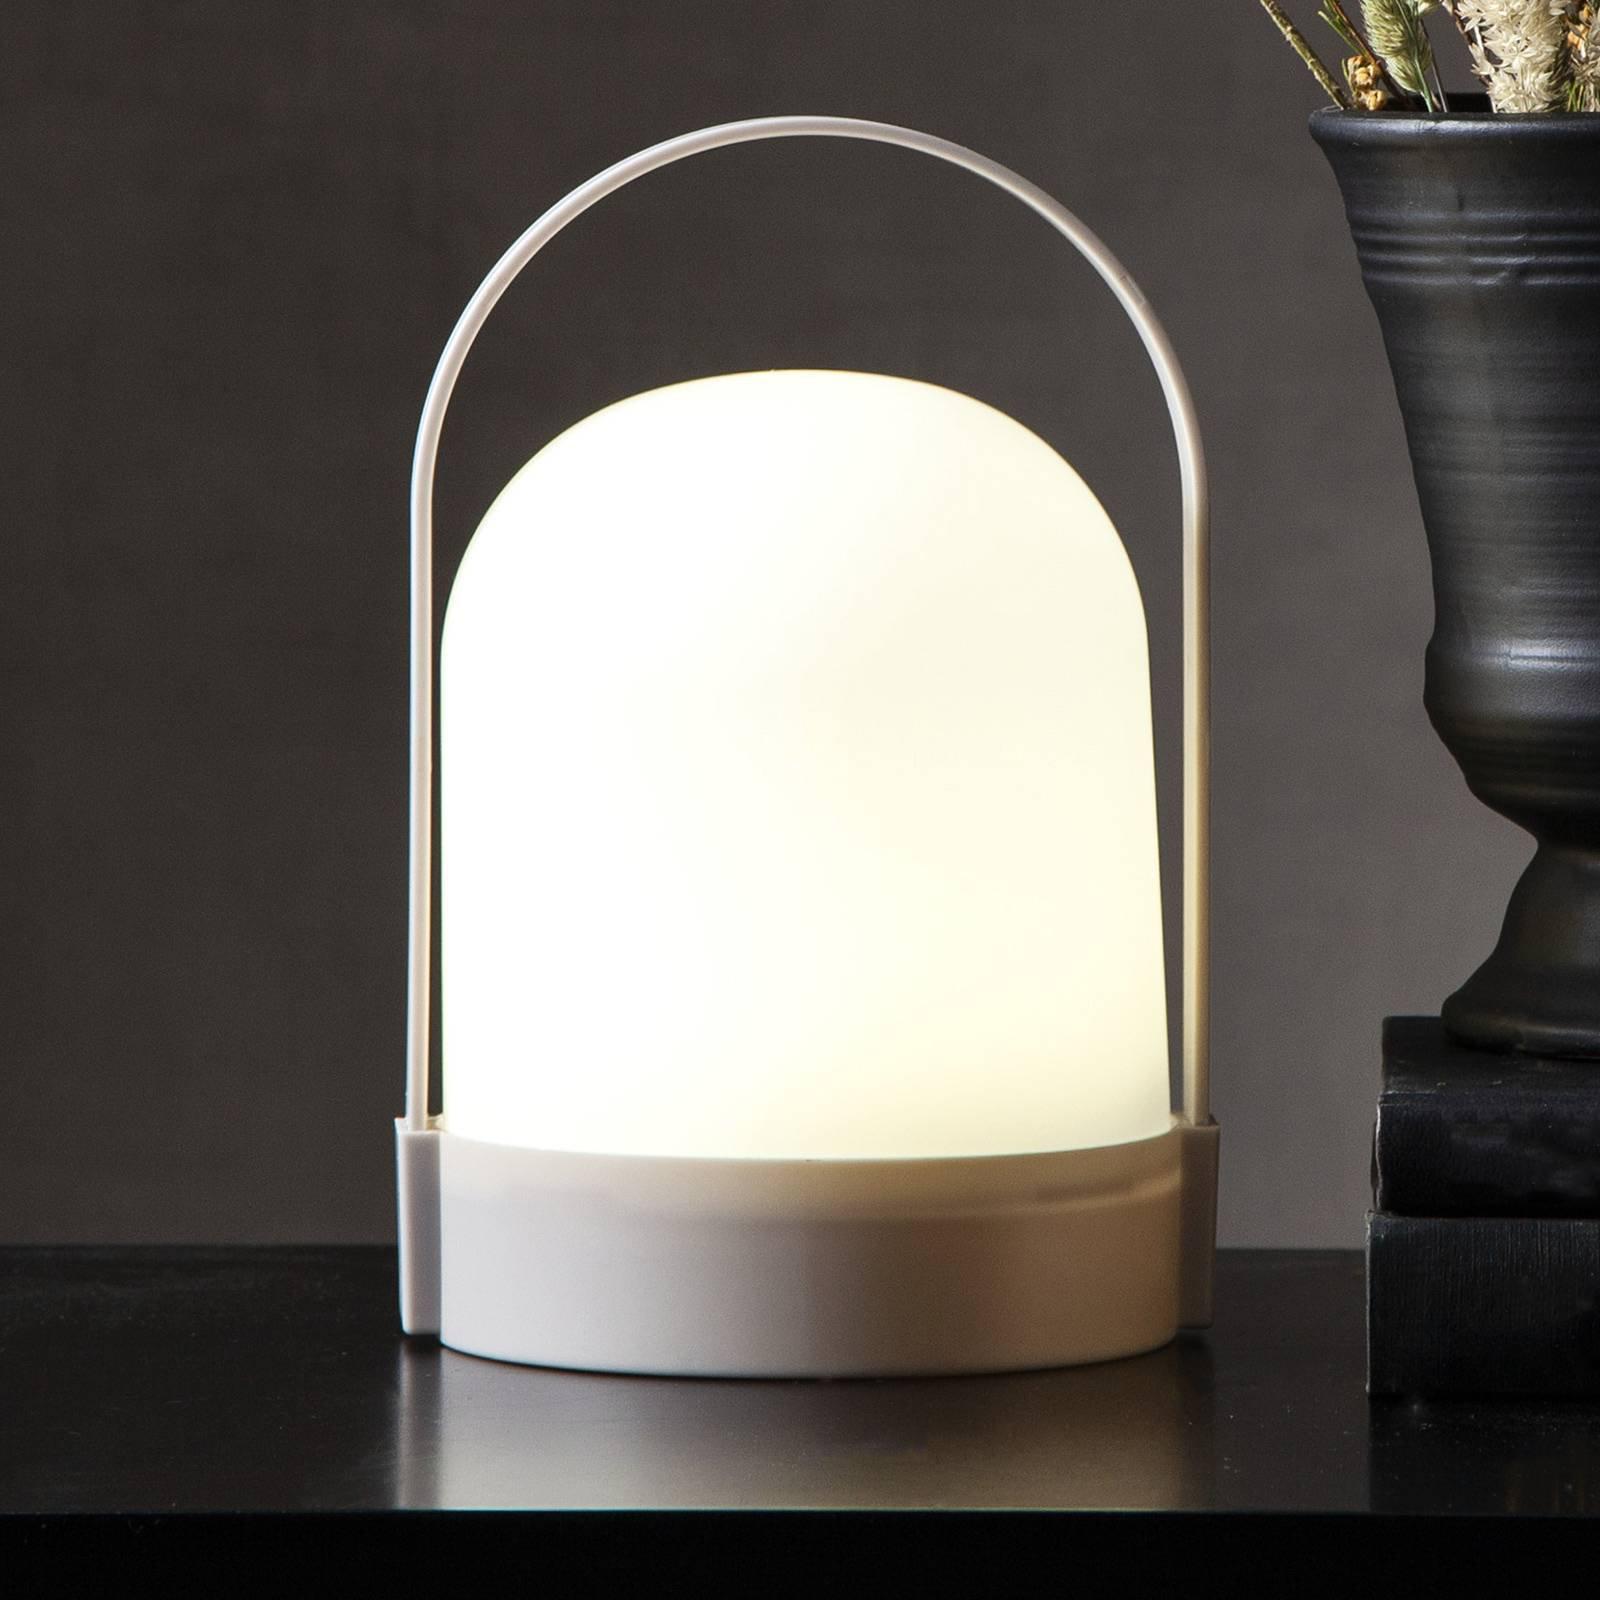 LED-bordlampe Lette med timer, batteridrift